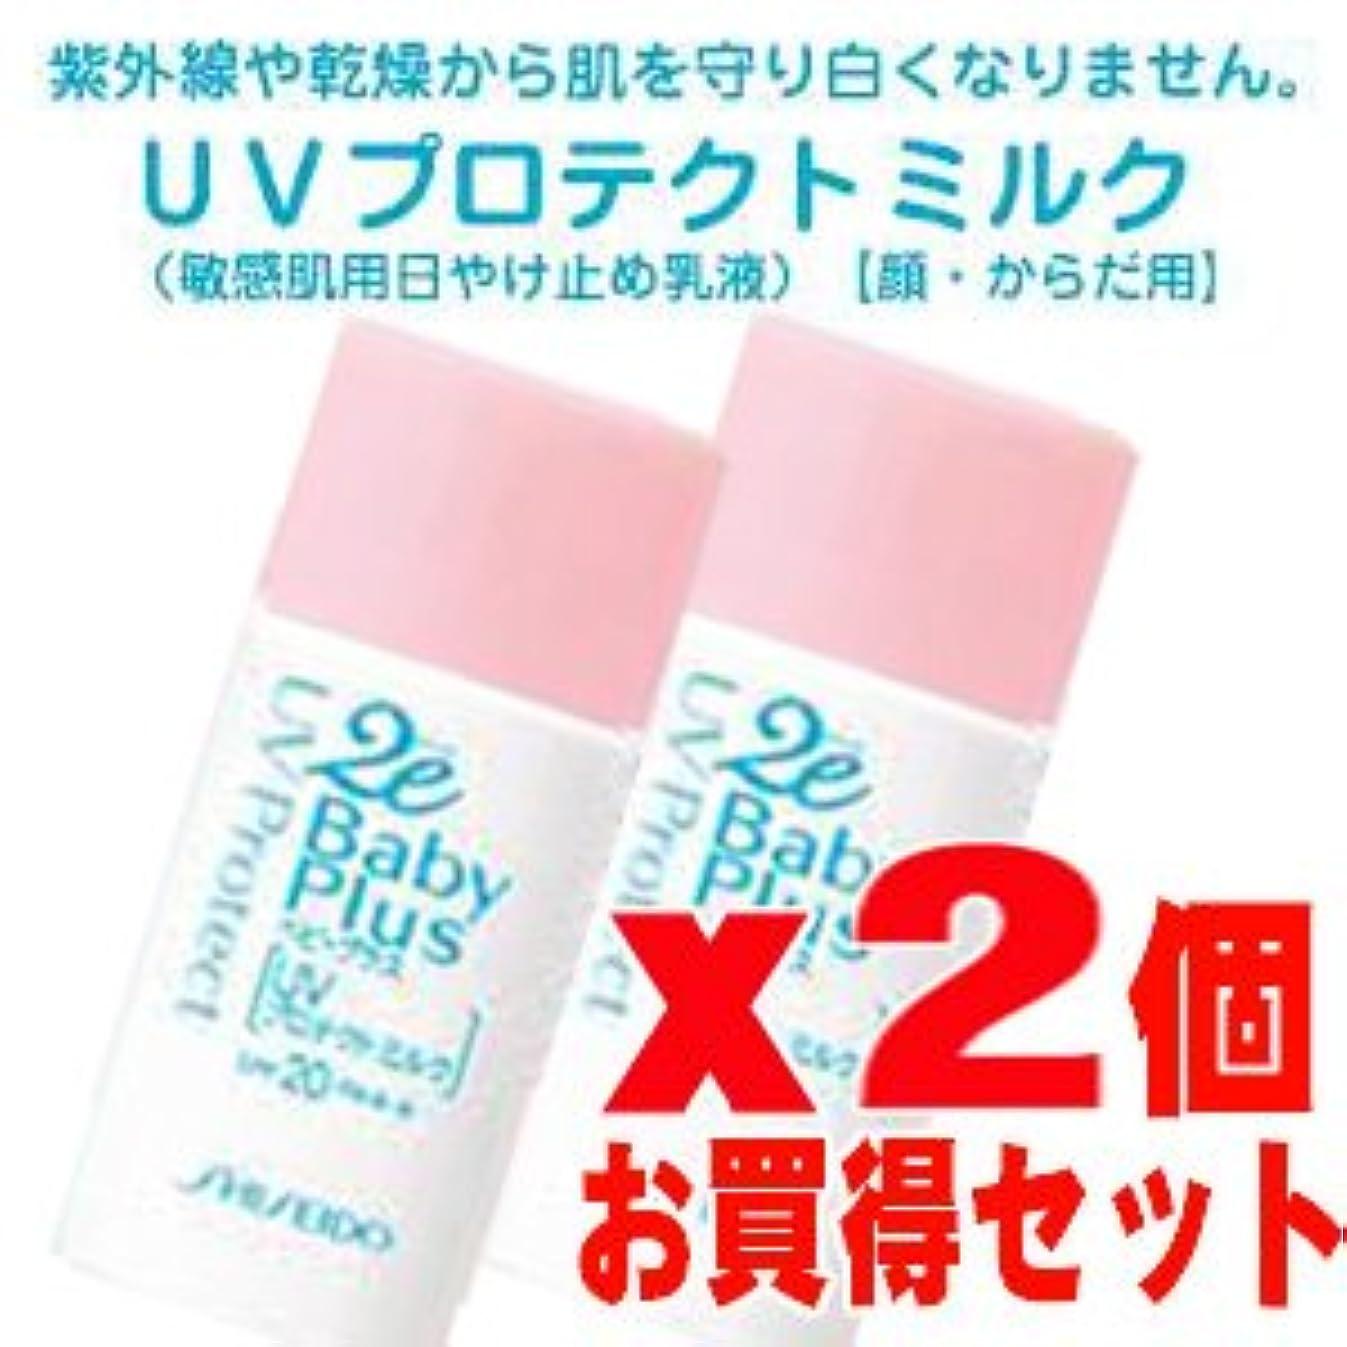 労働者うつ貯水池2E(ドゥーエ) ベビープラス BABY PLUS UVプロテクトミルク 30MLx2(SPF20?PA++)2個セット